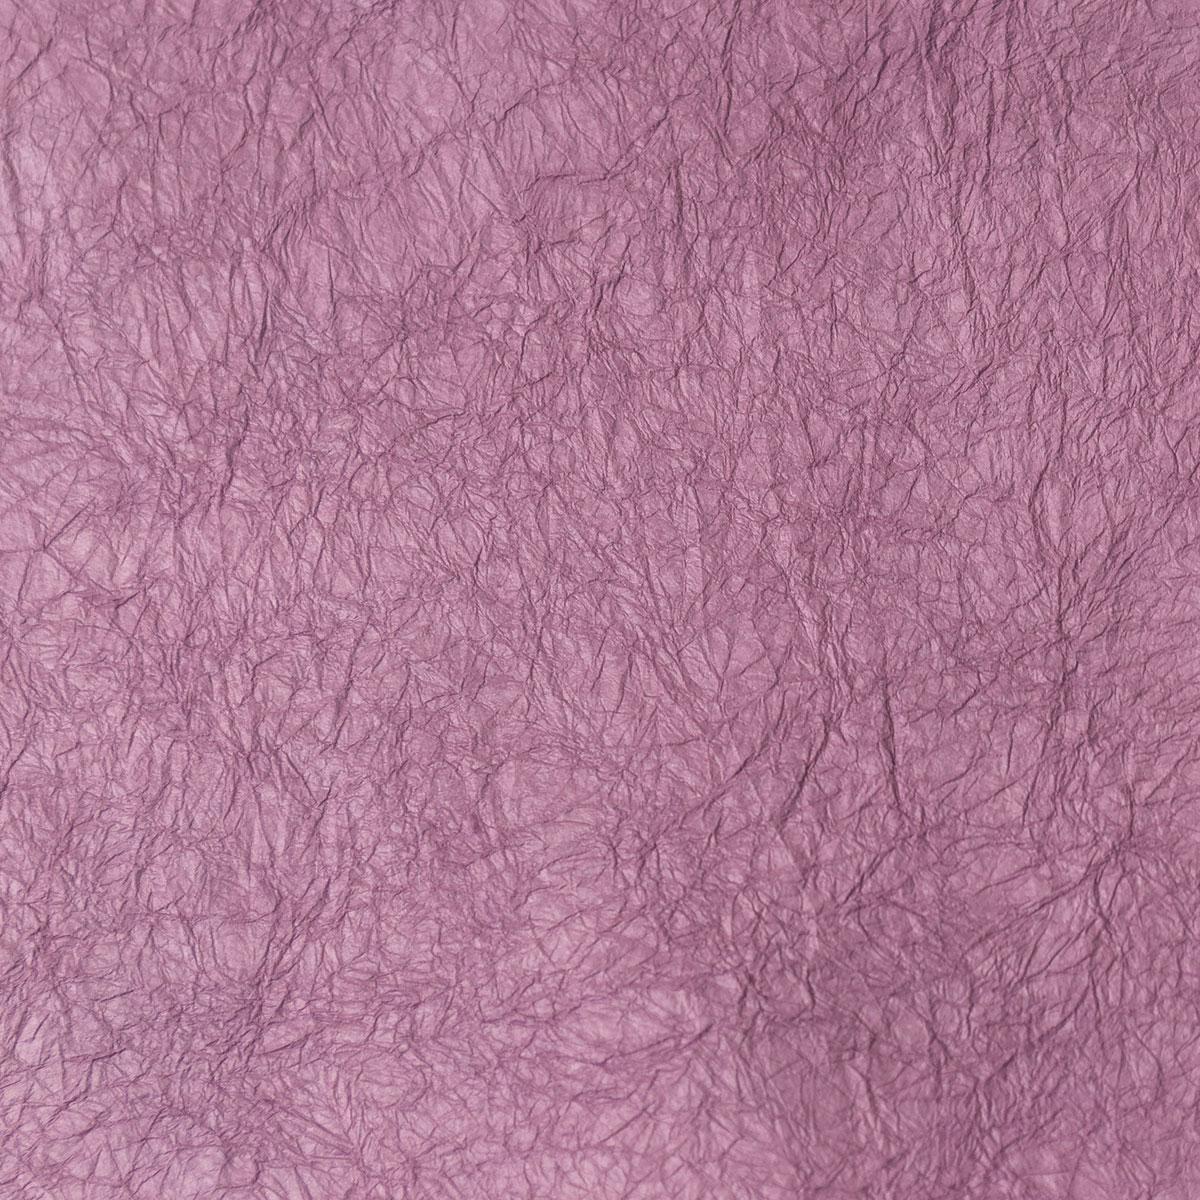 王朝のそめいろ 厚口 7番 中滅紫